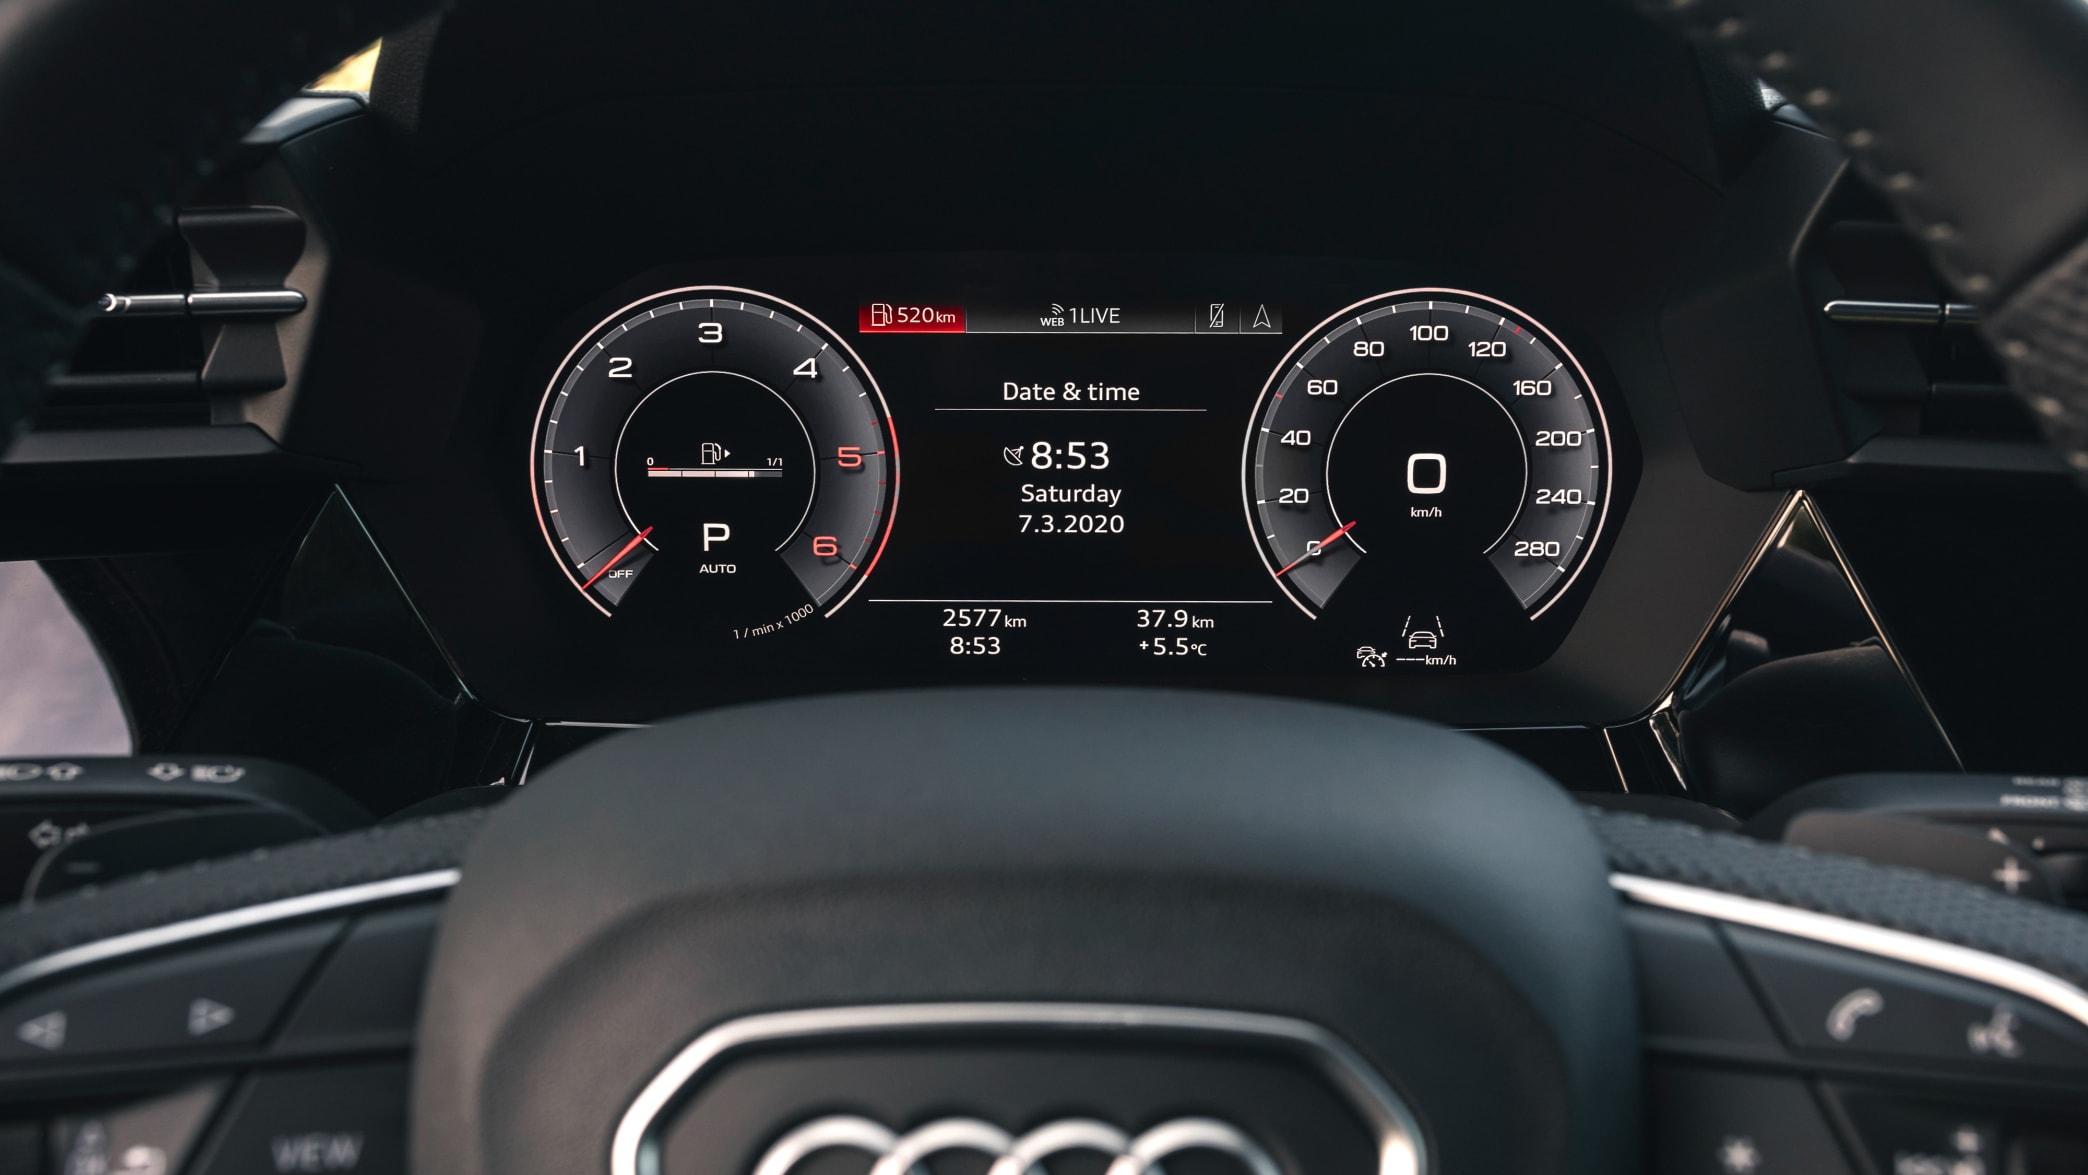 Display des Audi A3